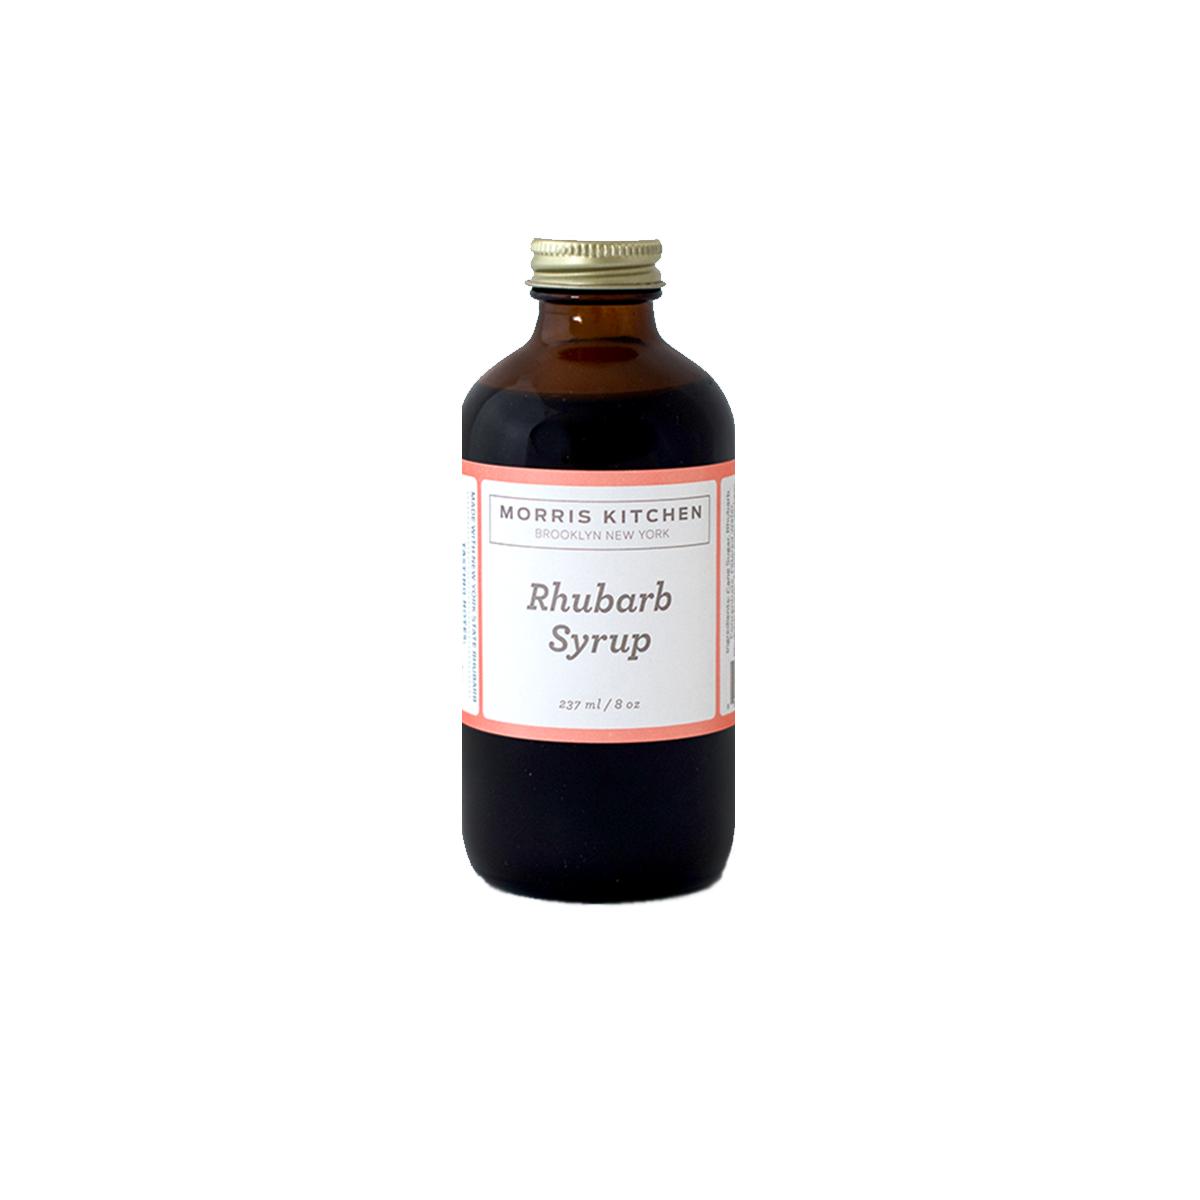 Morris Kitchen Rhubarb Syrup | BaldorFood